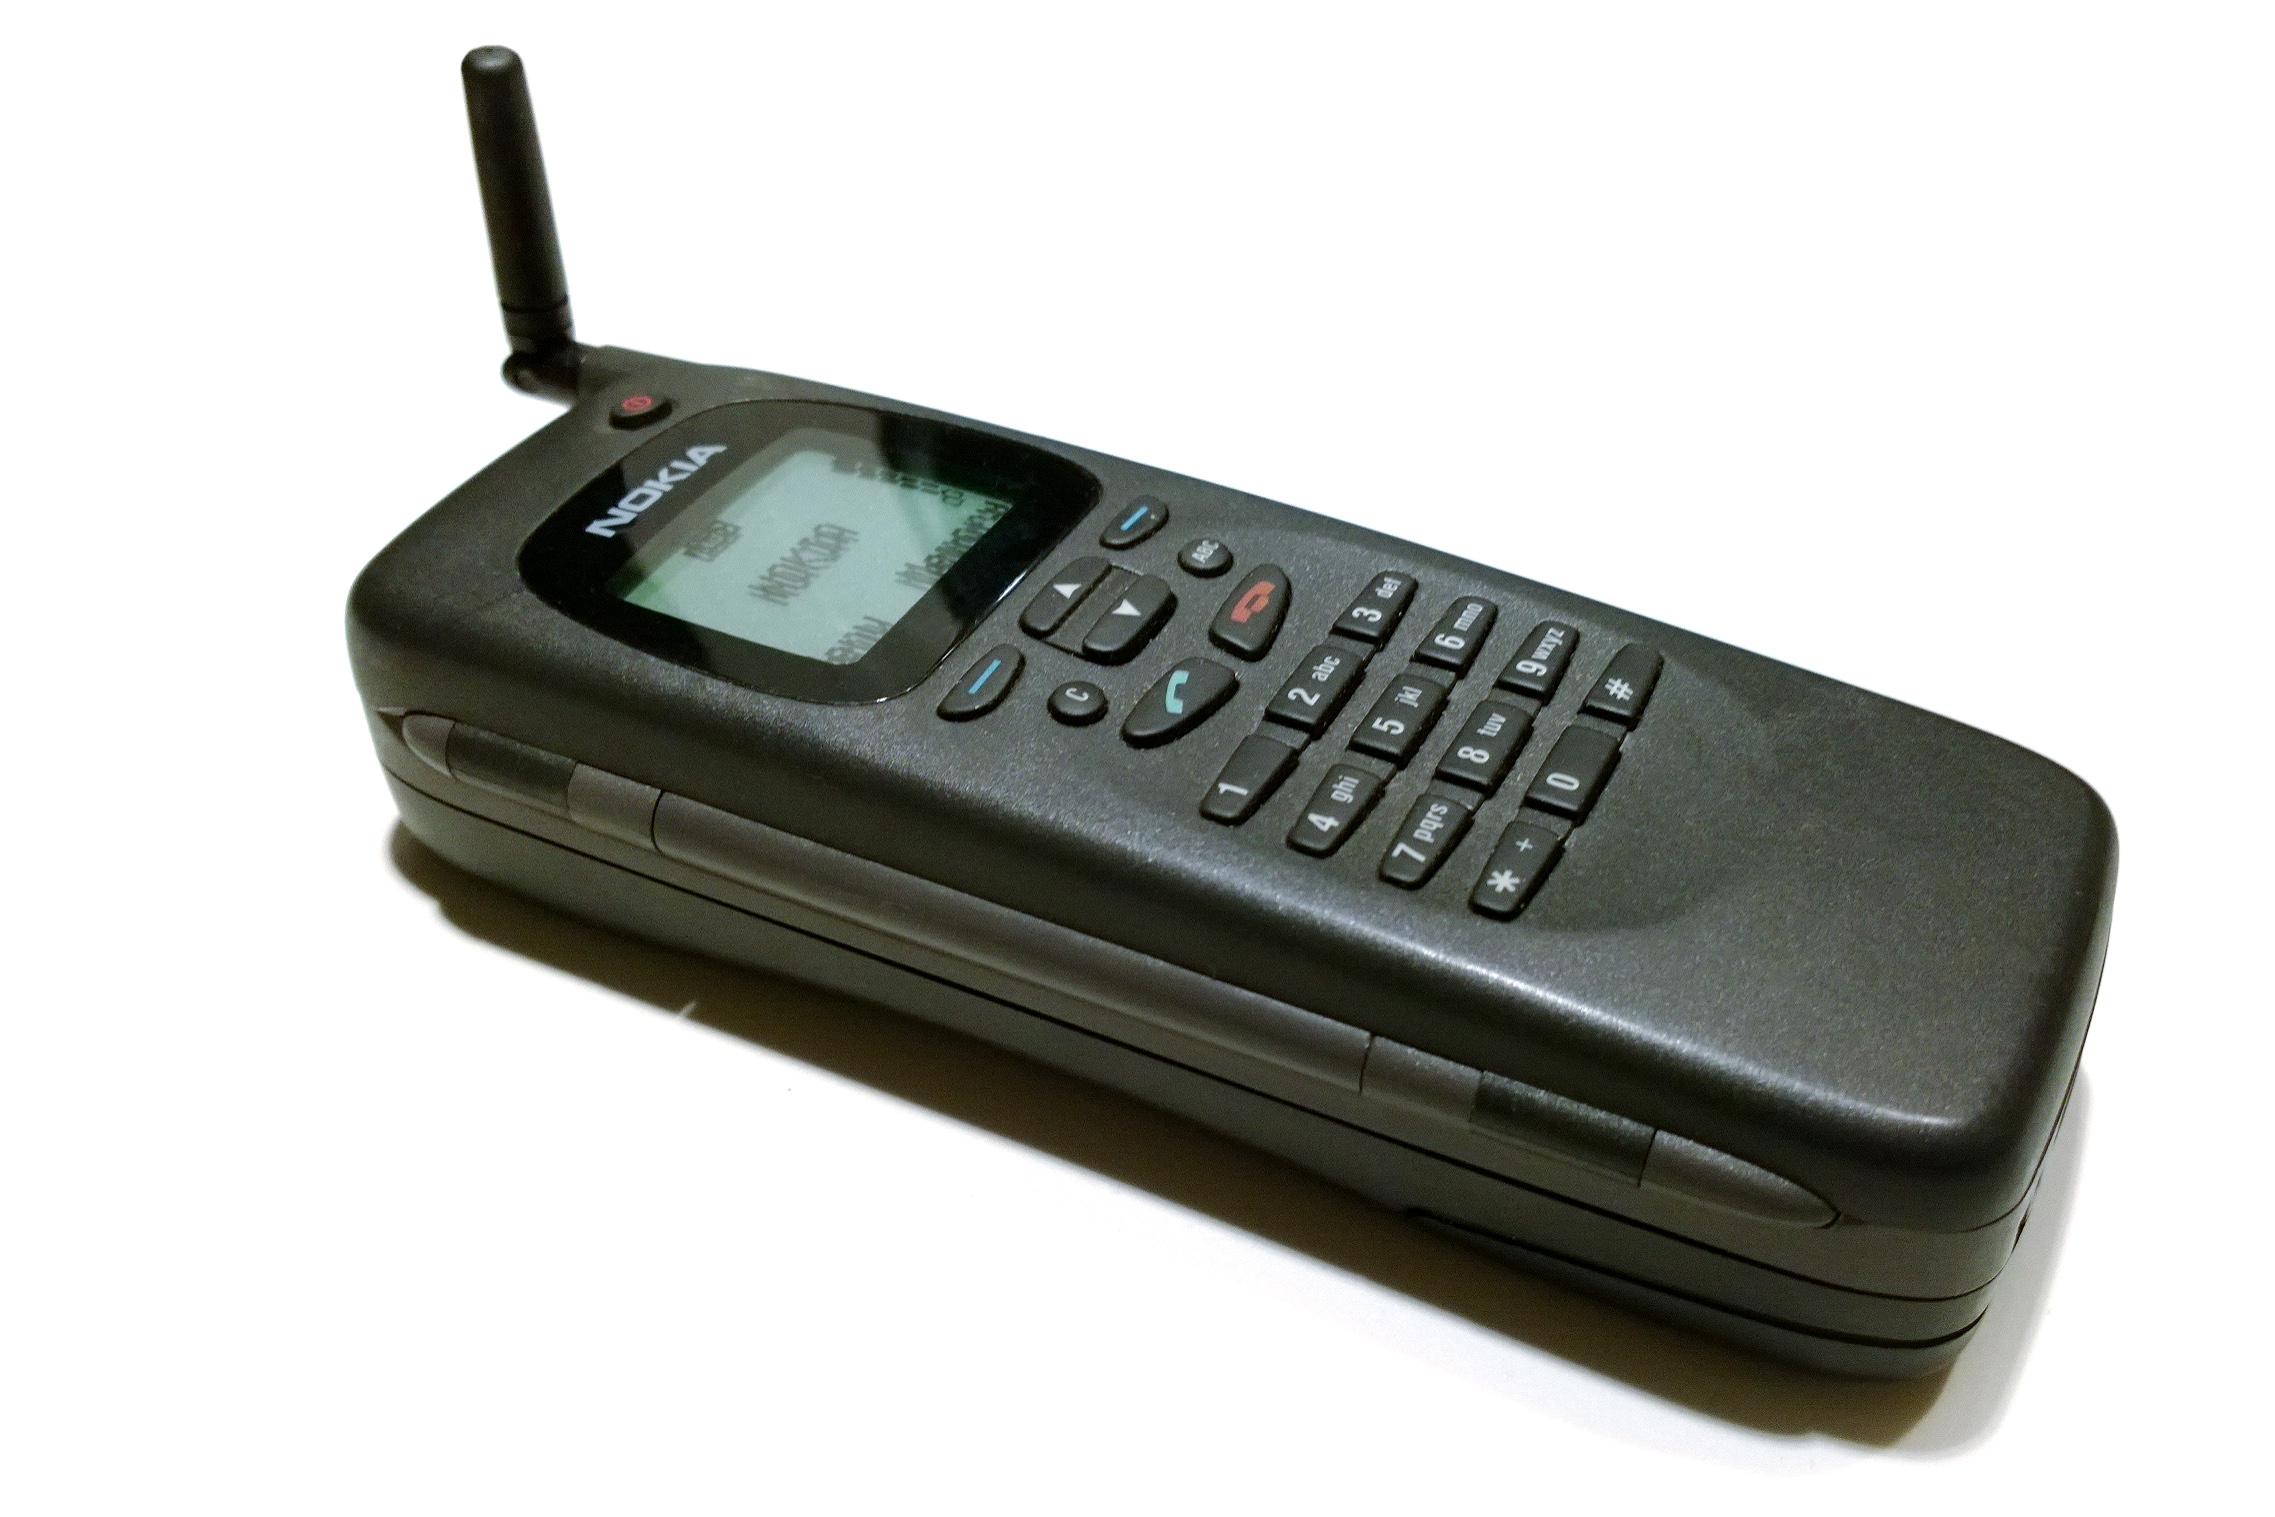 Alkuperäinen Nokia 9000 Communicator suljettuna. Kuva: textlad / Flickr.